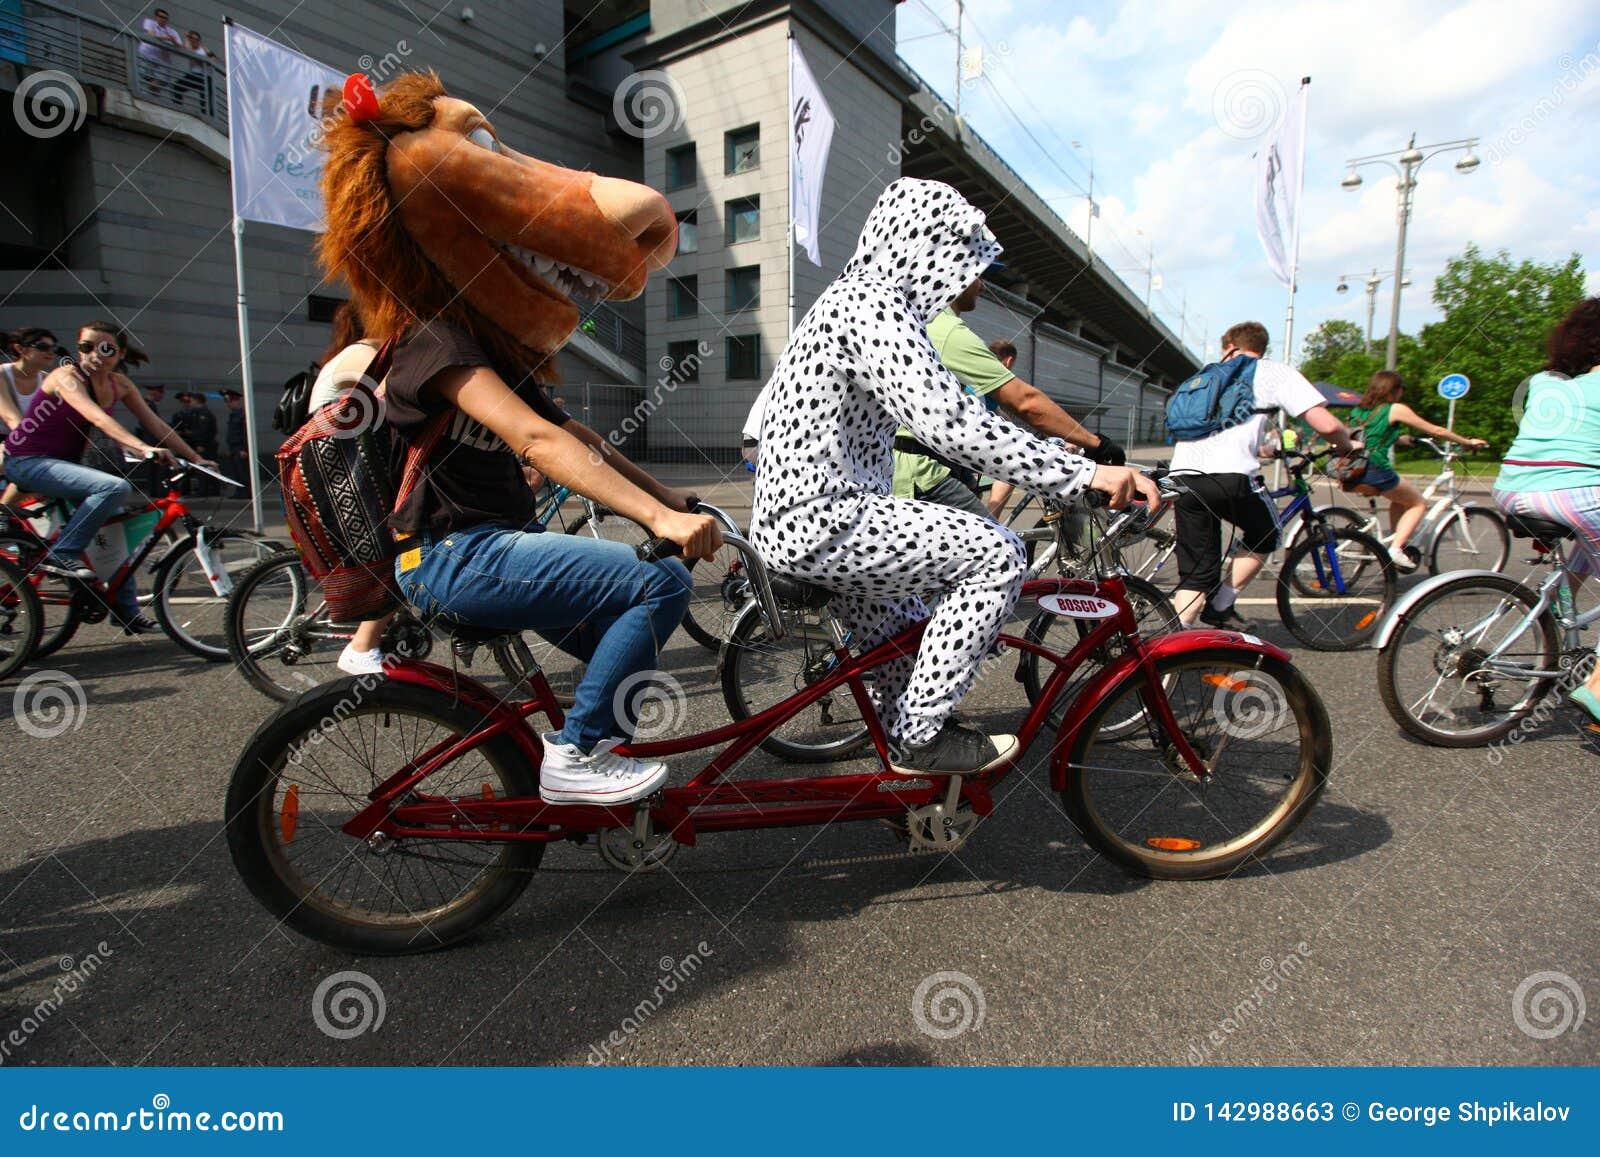 МОСКВА, РОССИЯ - 20-ое мая 2002: Парад, лошадь и dalmation города задействуя костюмировали участников на тандемном велосипеде